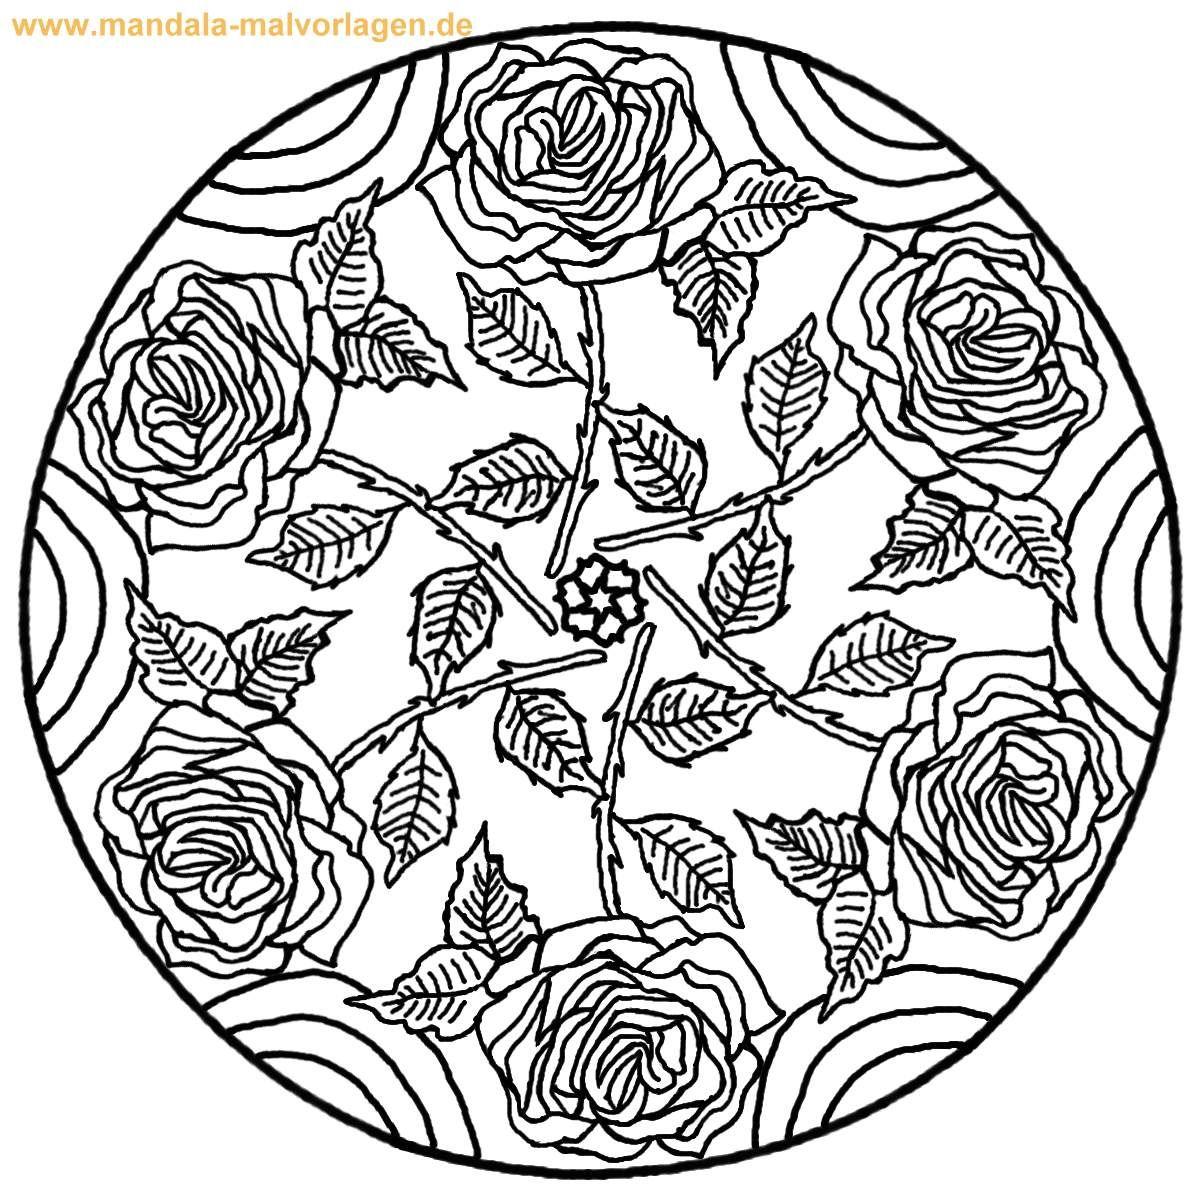 Pin Von Mary Auf Cp Intricate Drawings Malvorlagen Ausmalbilder